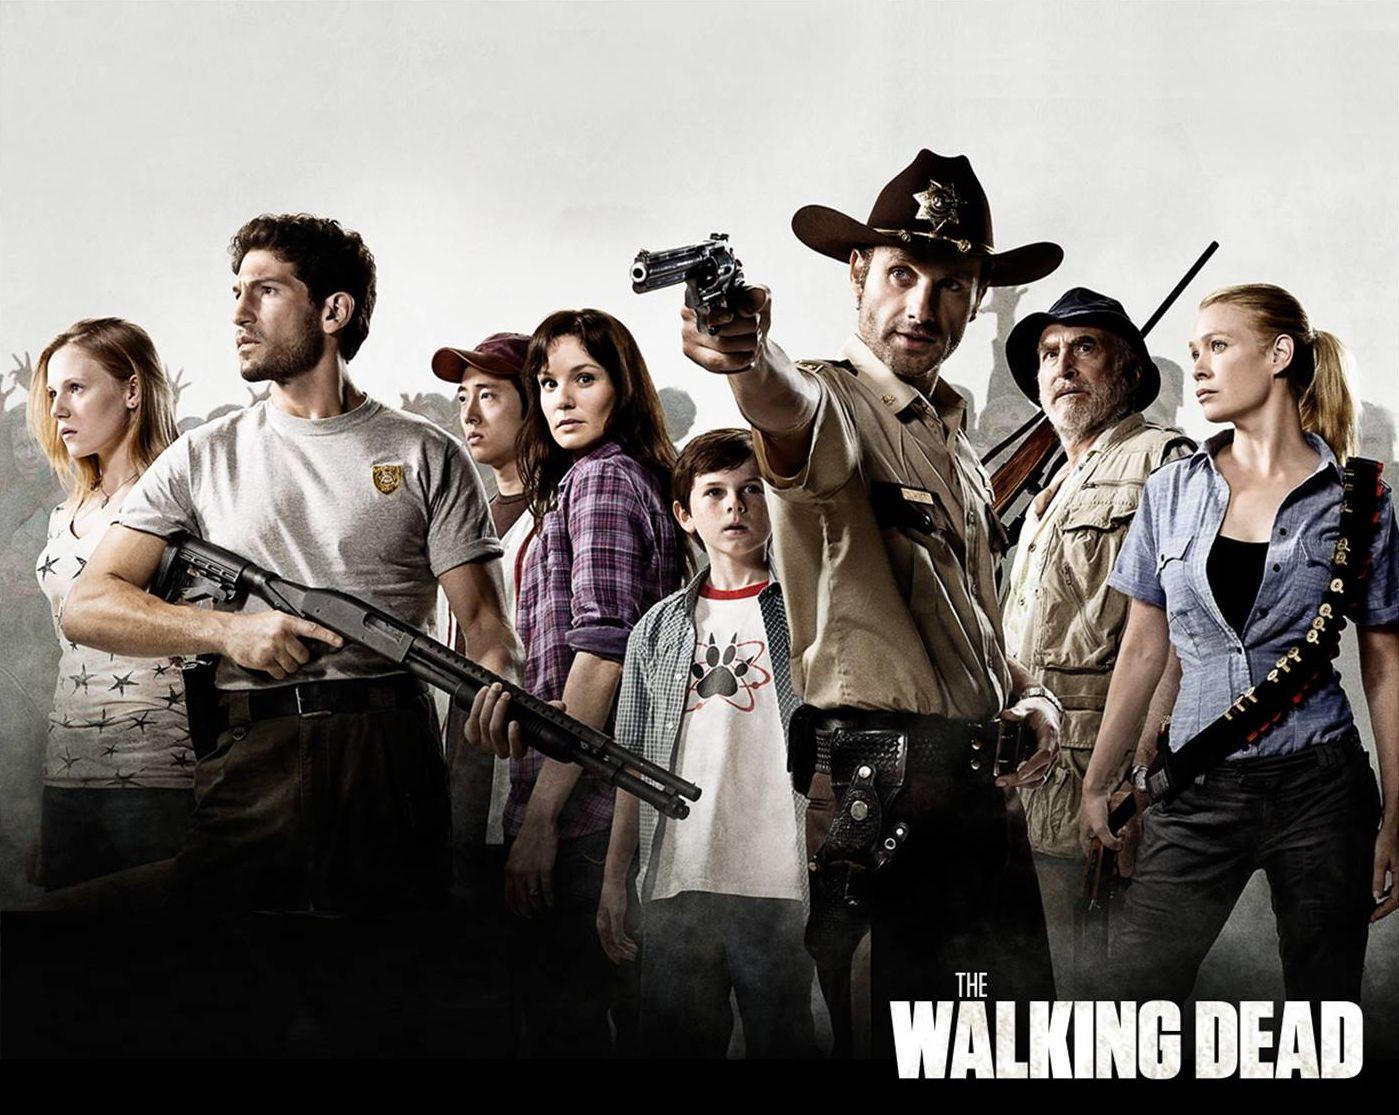 Wallpaper-The-Walking-Dead-the-walking-dead-17323199-1399-1115.jpg